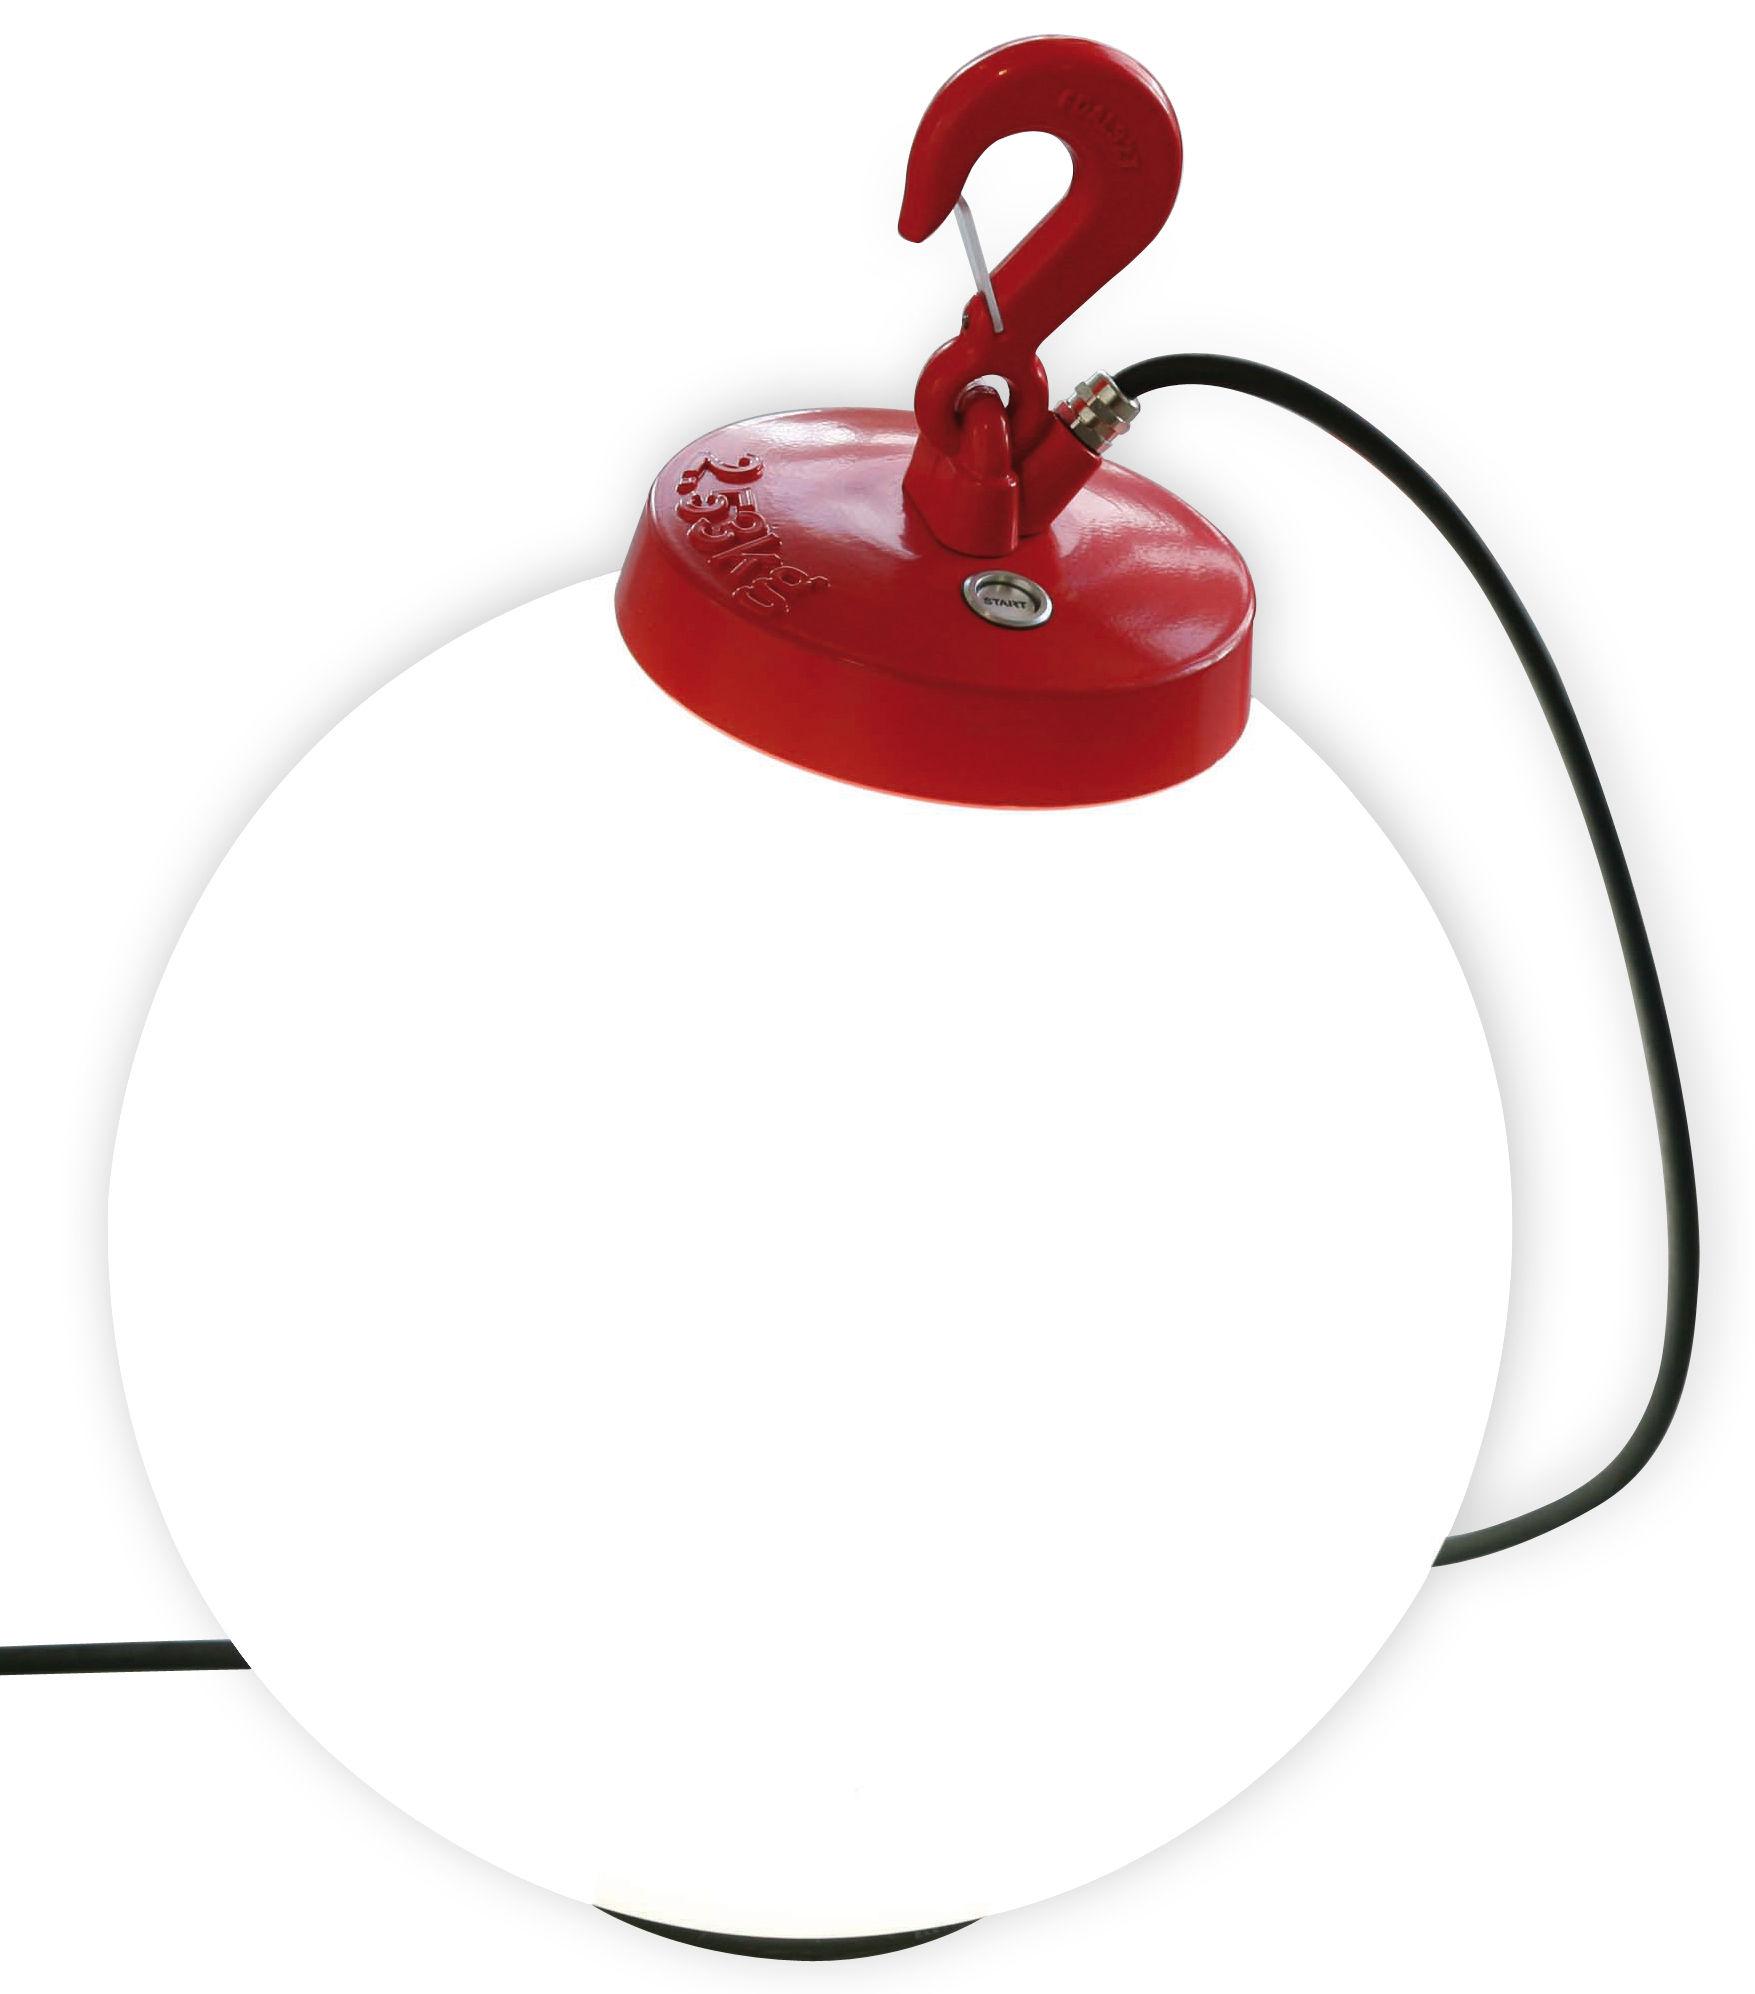 Luminaire - Luminaires d'extérieur - Baladeuse Grumo N°3 / A poser ou suspendre - H 58 x Ø 40 cm - Roger Pradier - Rouge - Polycarbonate